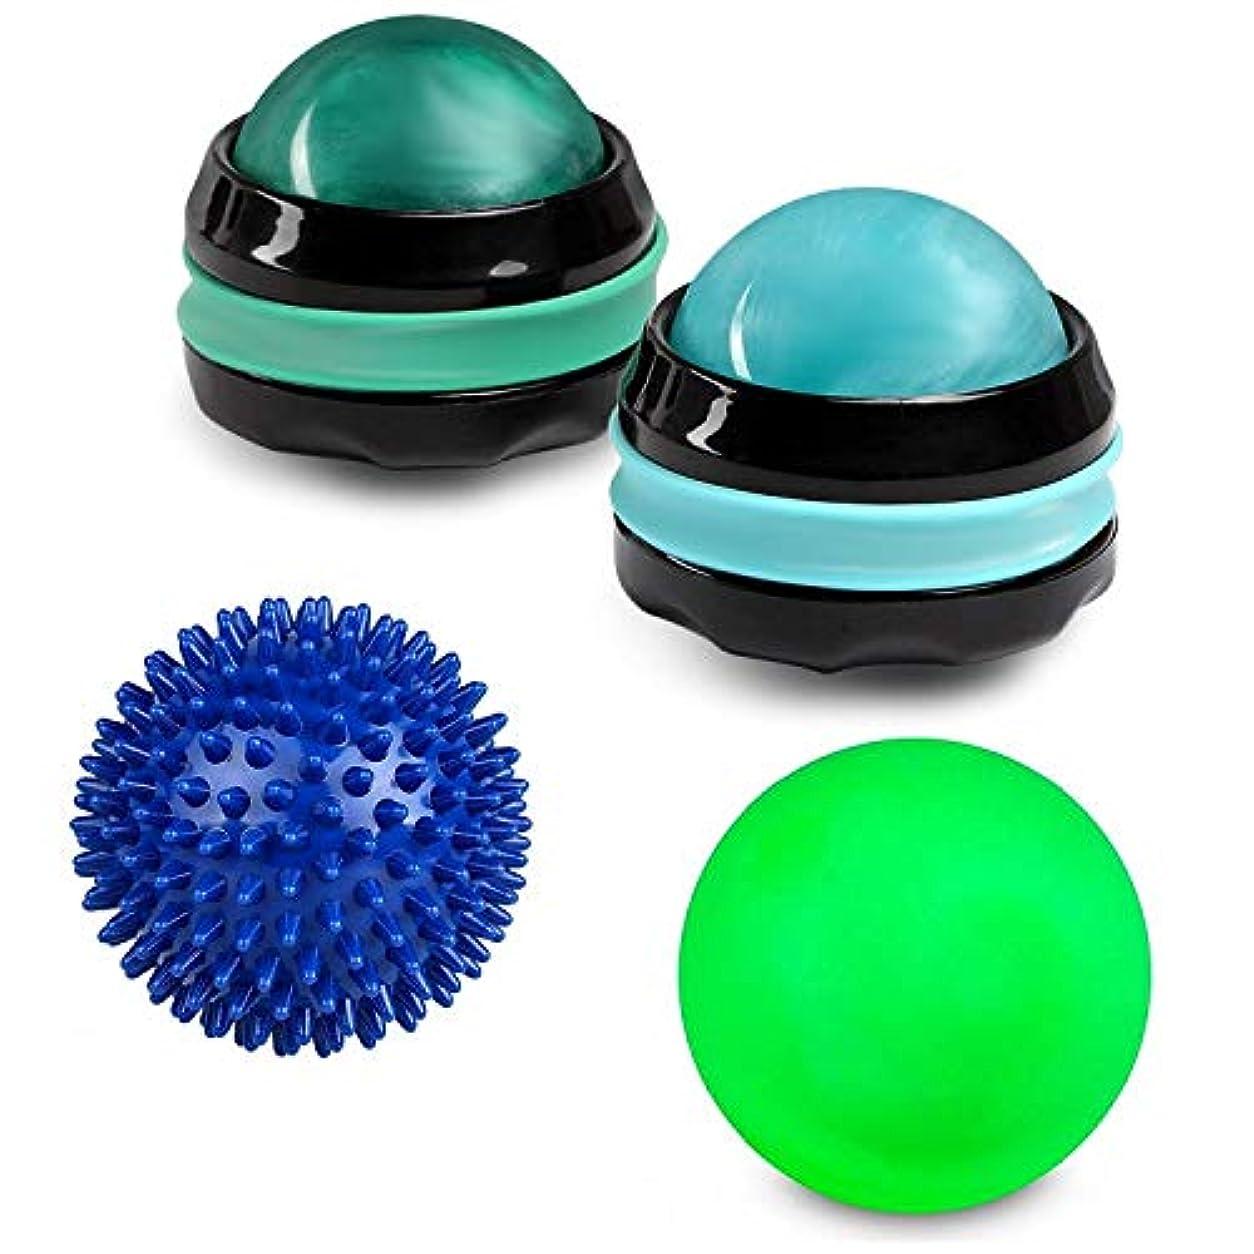 発揮する住人リーフレットMassage Ball Set - Foot Body Back Leg Neck Hand Rejuvenation Therapy Roller Massager Therapy (Bundle: 1 Lacrosse...